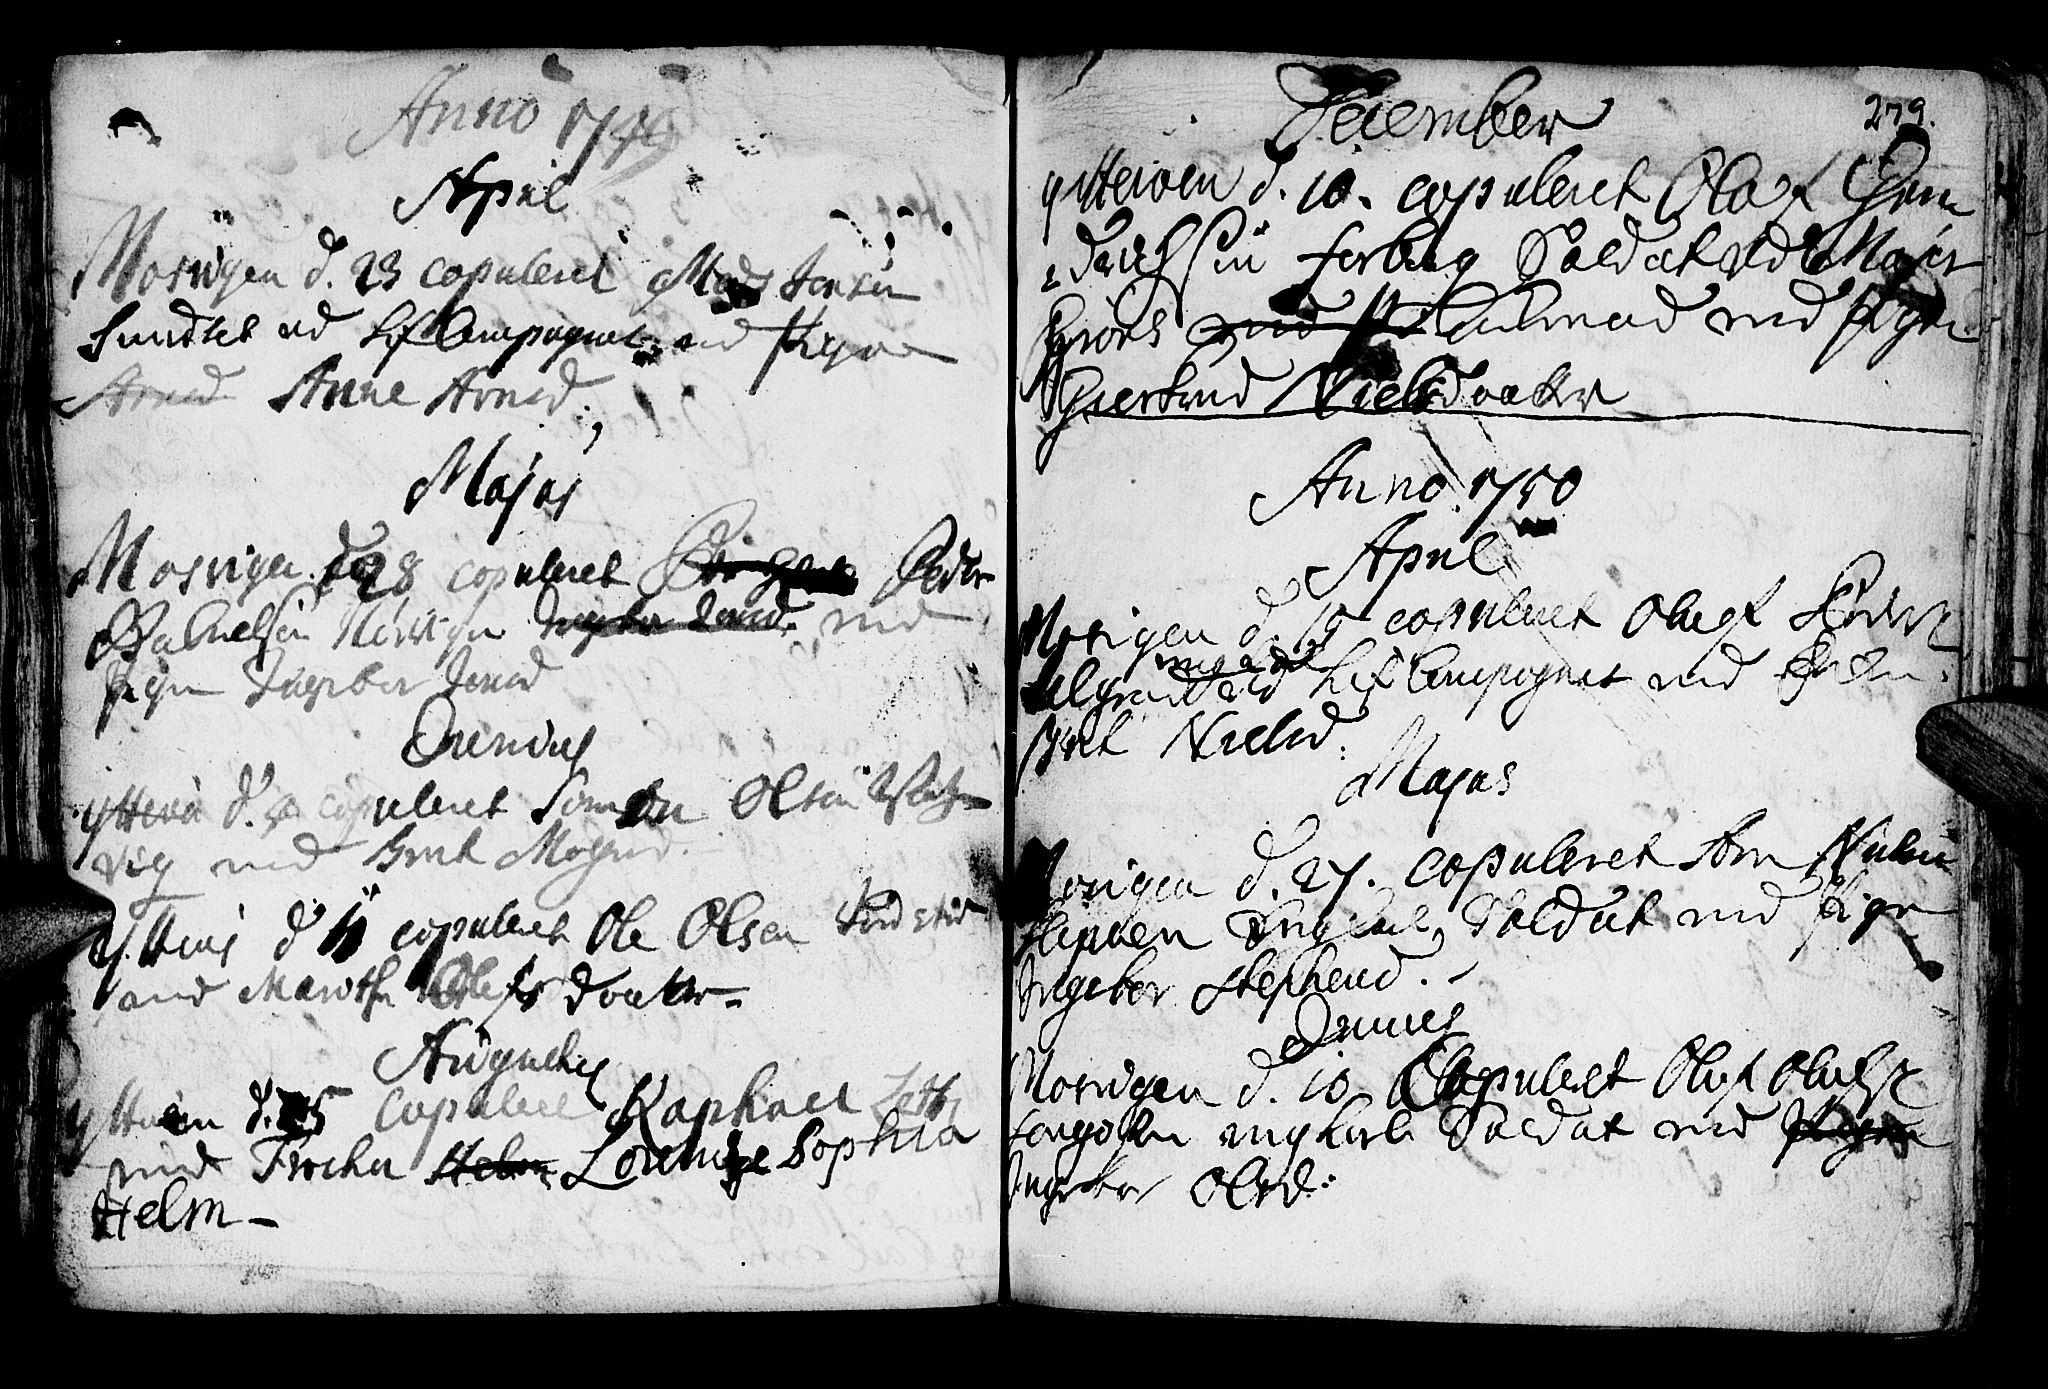 SAT, Ministerialprotokoller, klokkerbøker og fødselsregistre - Nord-Trøndelag, 722/L0215: Ministerialbok nr. 722A02, 1718-1755, s. 279